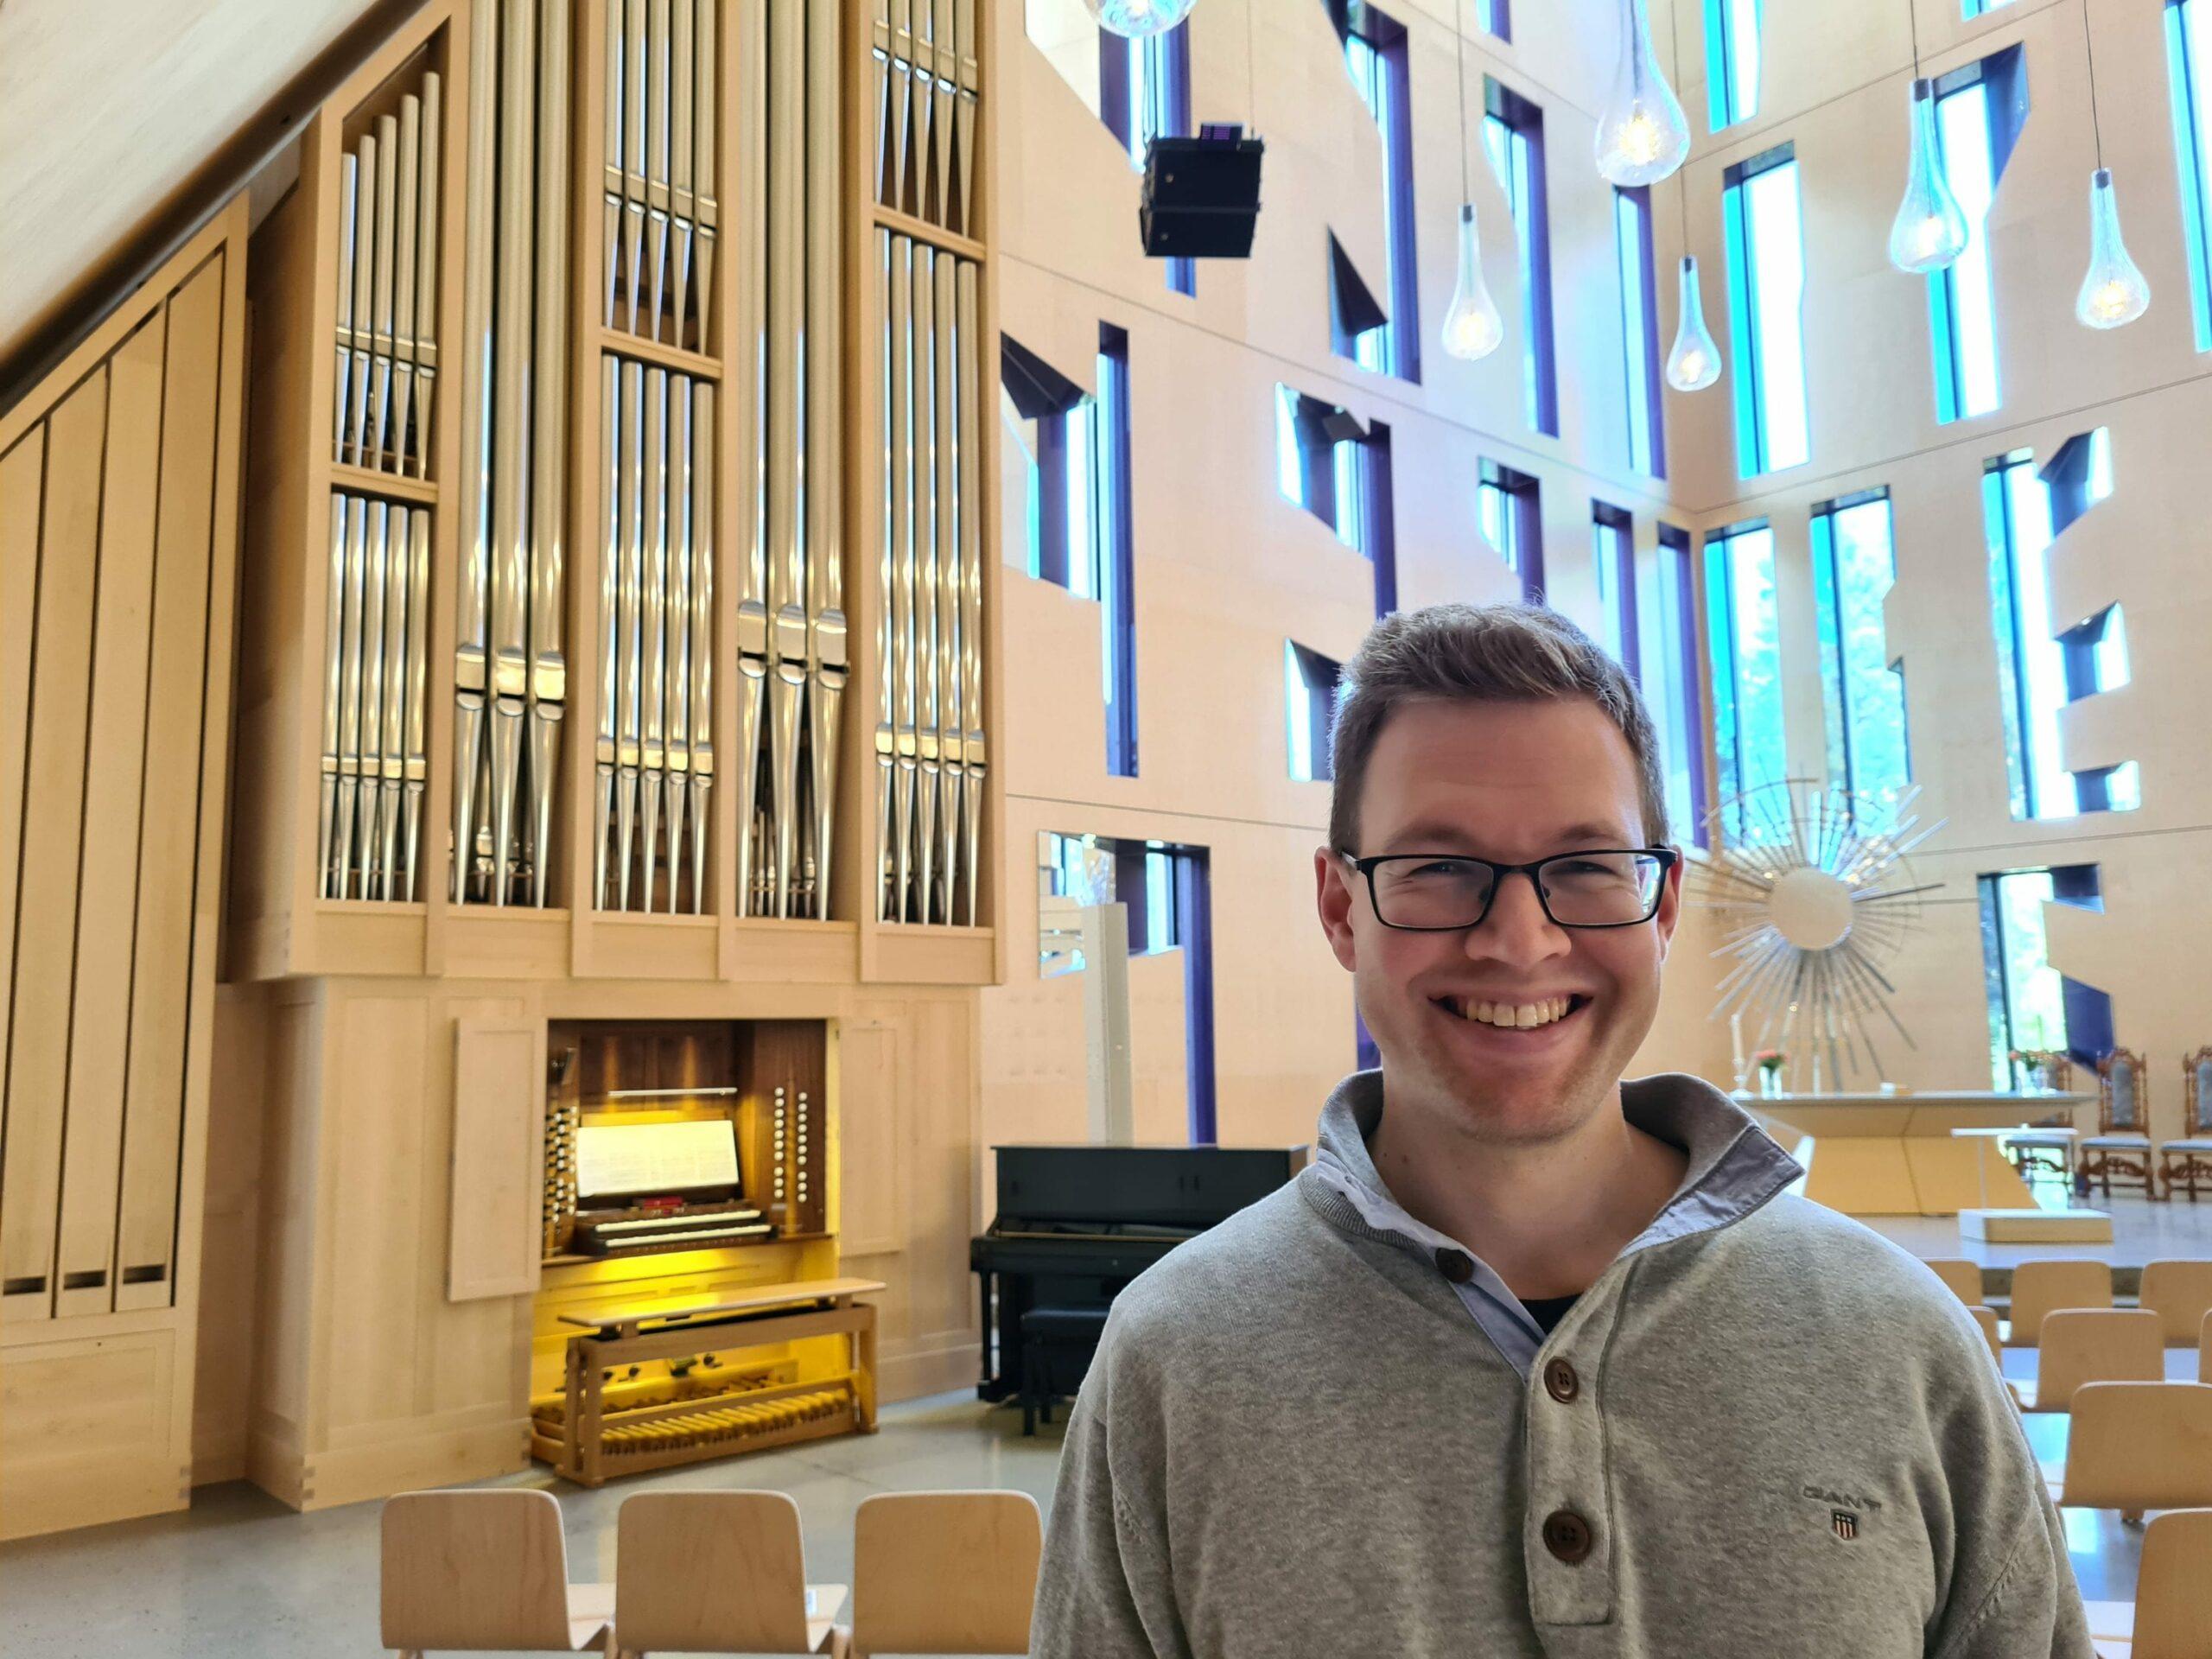 KLART FOR FESTIVAL: Lørdag starter årets orgelfestival i Våler. Kantor, Daniel Bjørlo, håper mange kommer. Åpningskonserten er i Risberget kirkesal, mens resten av festivalen finner sed i Våler kirke.